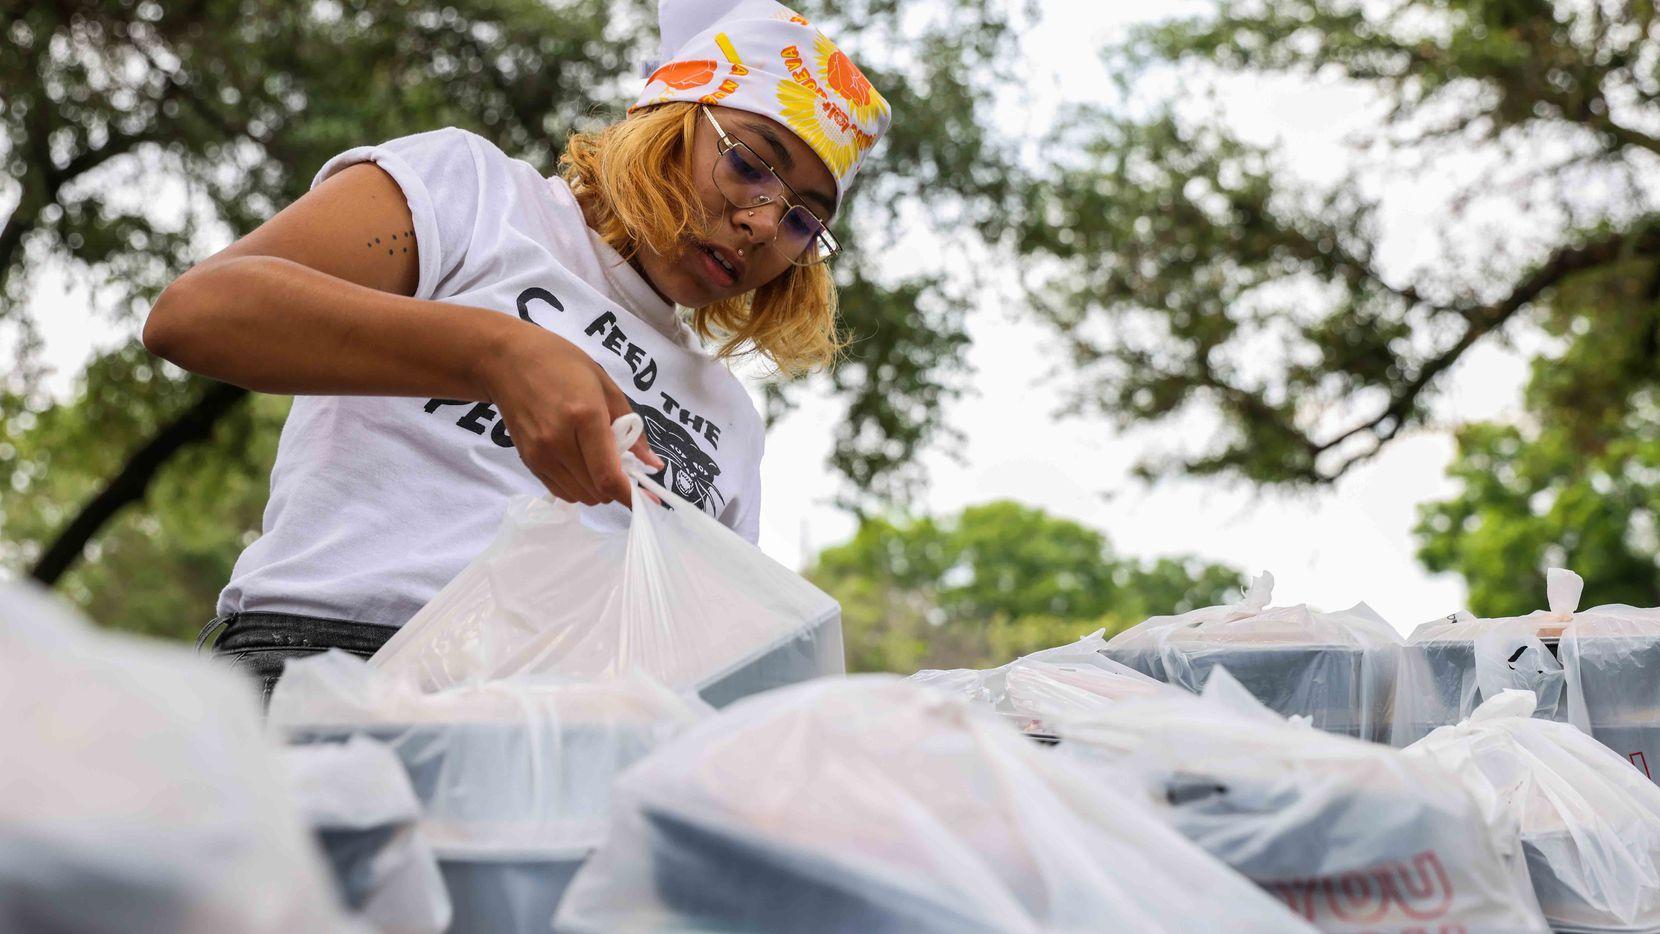 Bethany Silva empaca bolsas y cajas de comida para ser entregadas por Feed the People, una de las organizaciones que tratan de combatir la inseguridad alimentaria en sectores de Dallas.